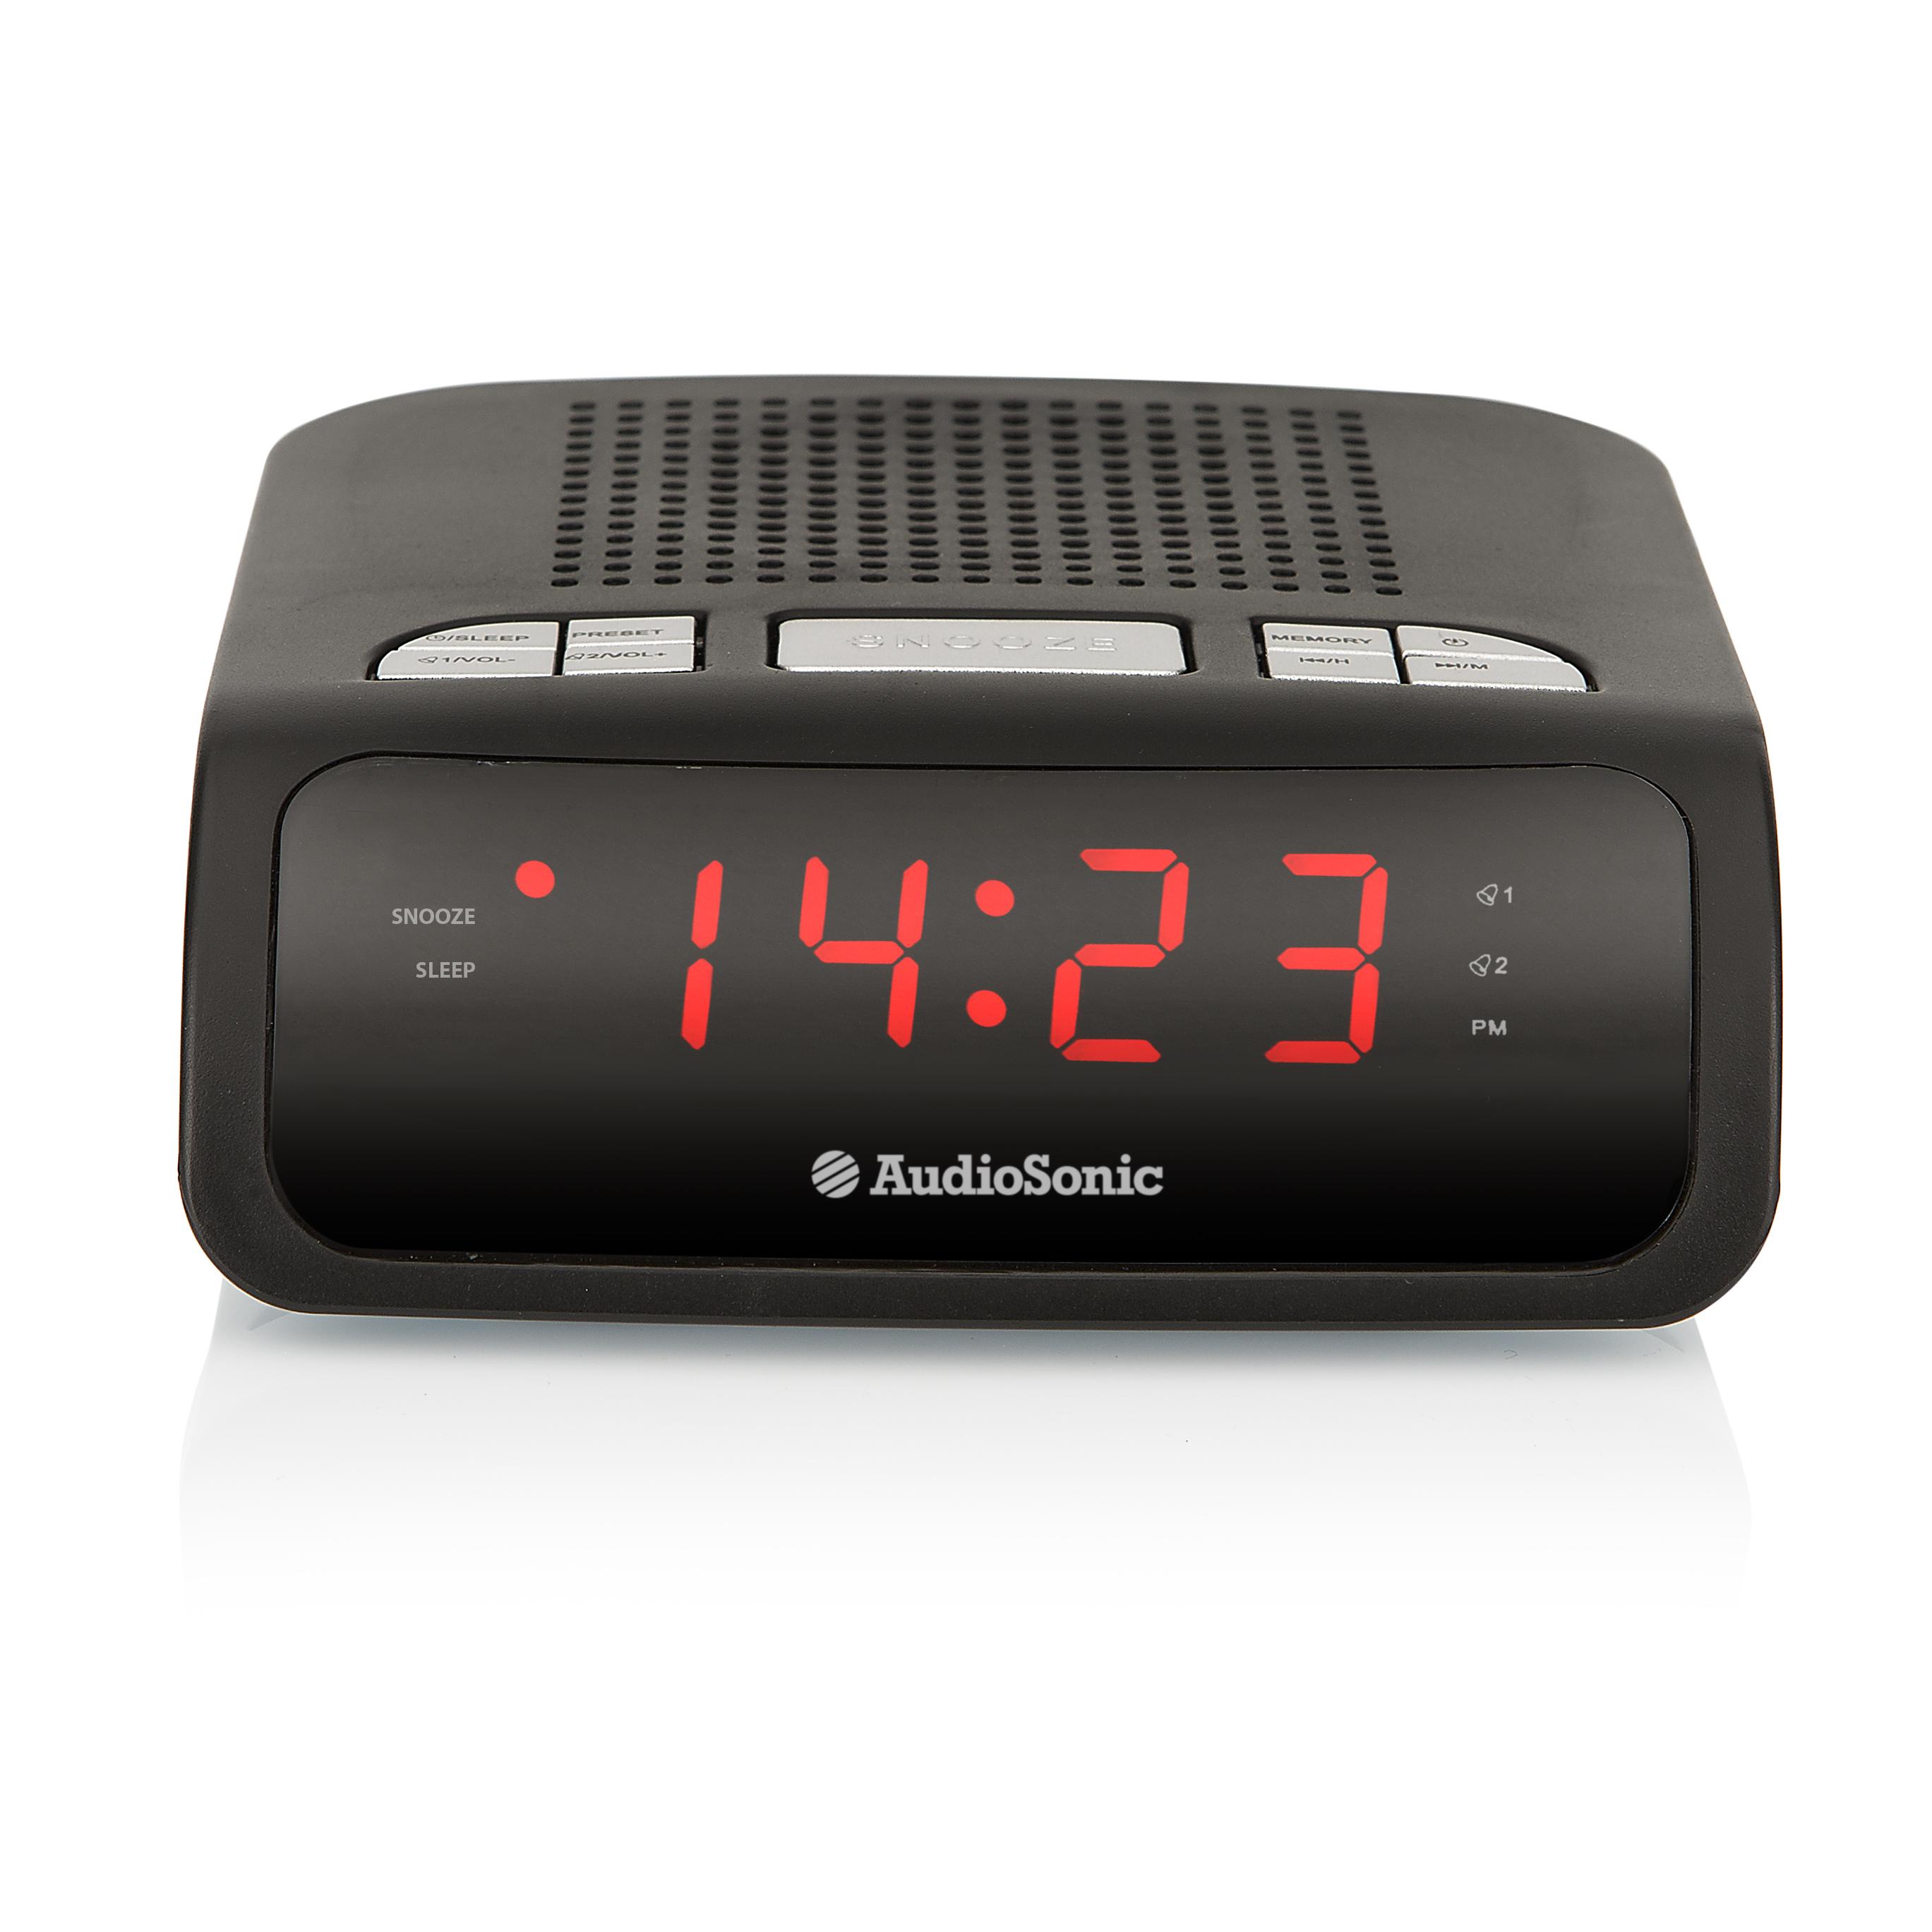 41e45f60f1a Ficha técnica do produto AudioSonic CL-1459 rádio Relógio Digital ...